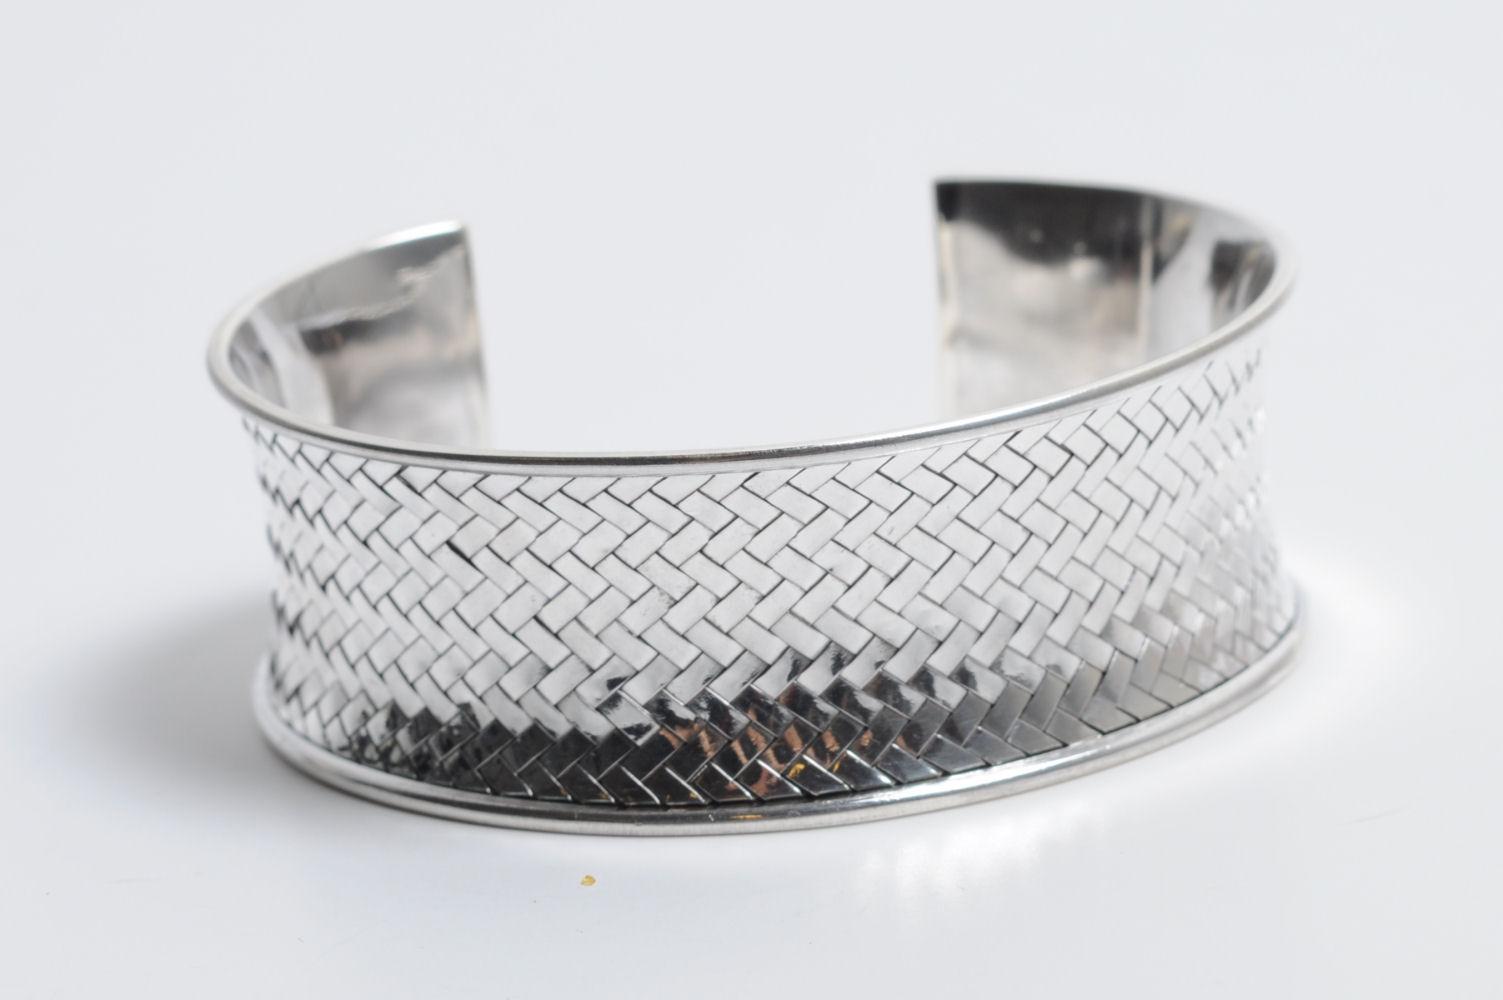 Åben armring af sterling sølv - flet - Åben armring udført i sterling sølv, front med fletdekor. Omkreds ca. 25 cm. Bredde ca. 21 mm. Vægt ca. 38 gram